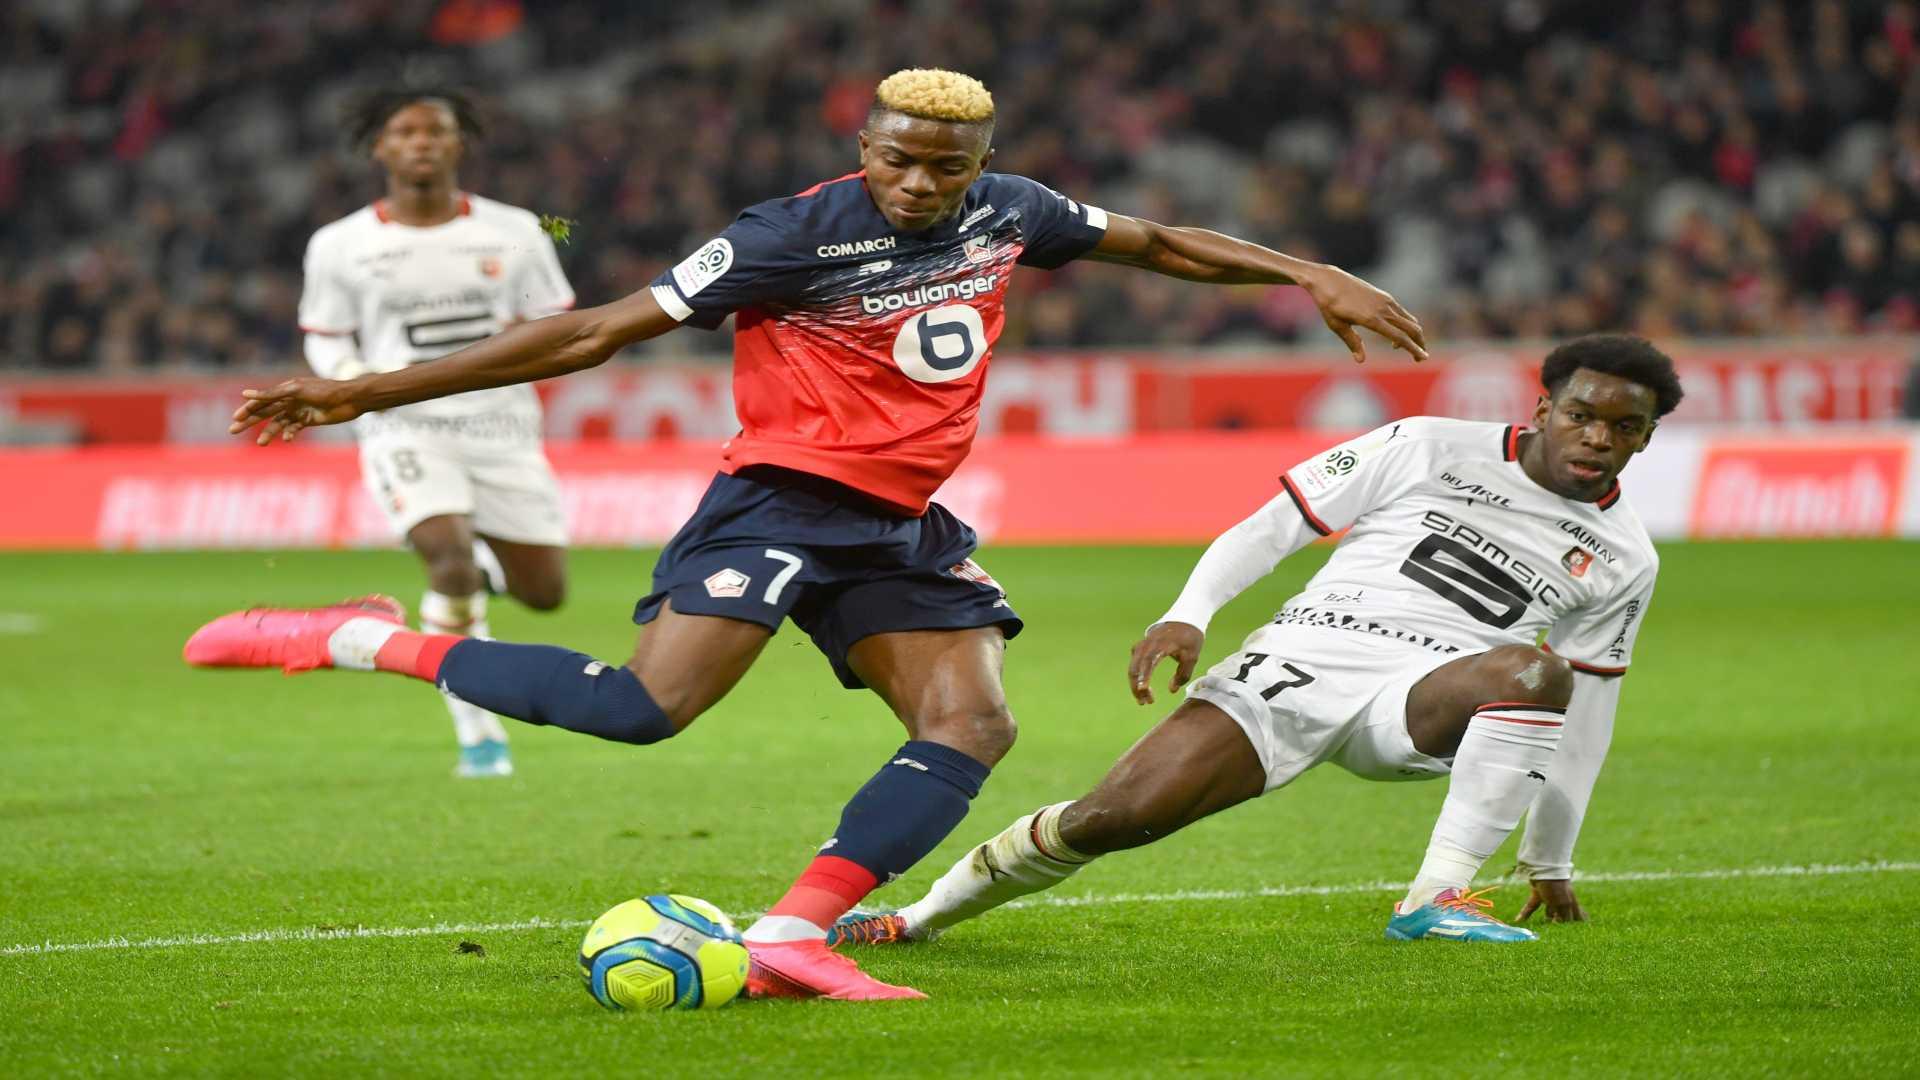 Coronavirus: 'I miss doing my job' - Lille star Osimhen eager for Ligue 1 return